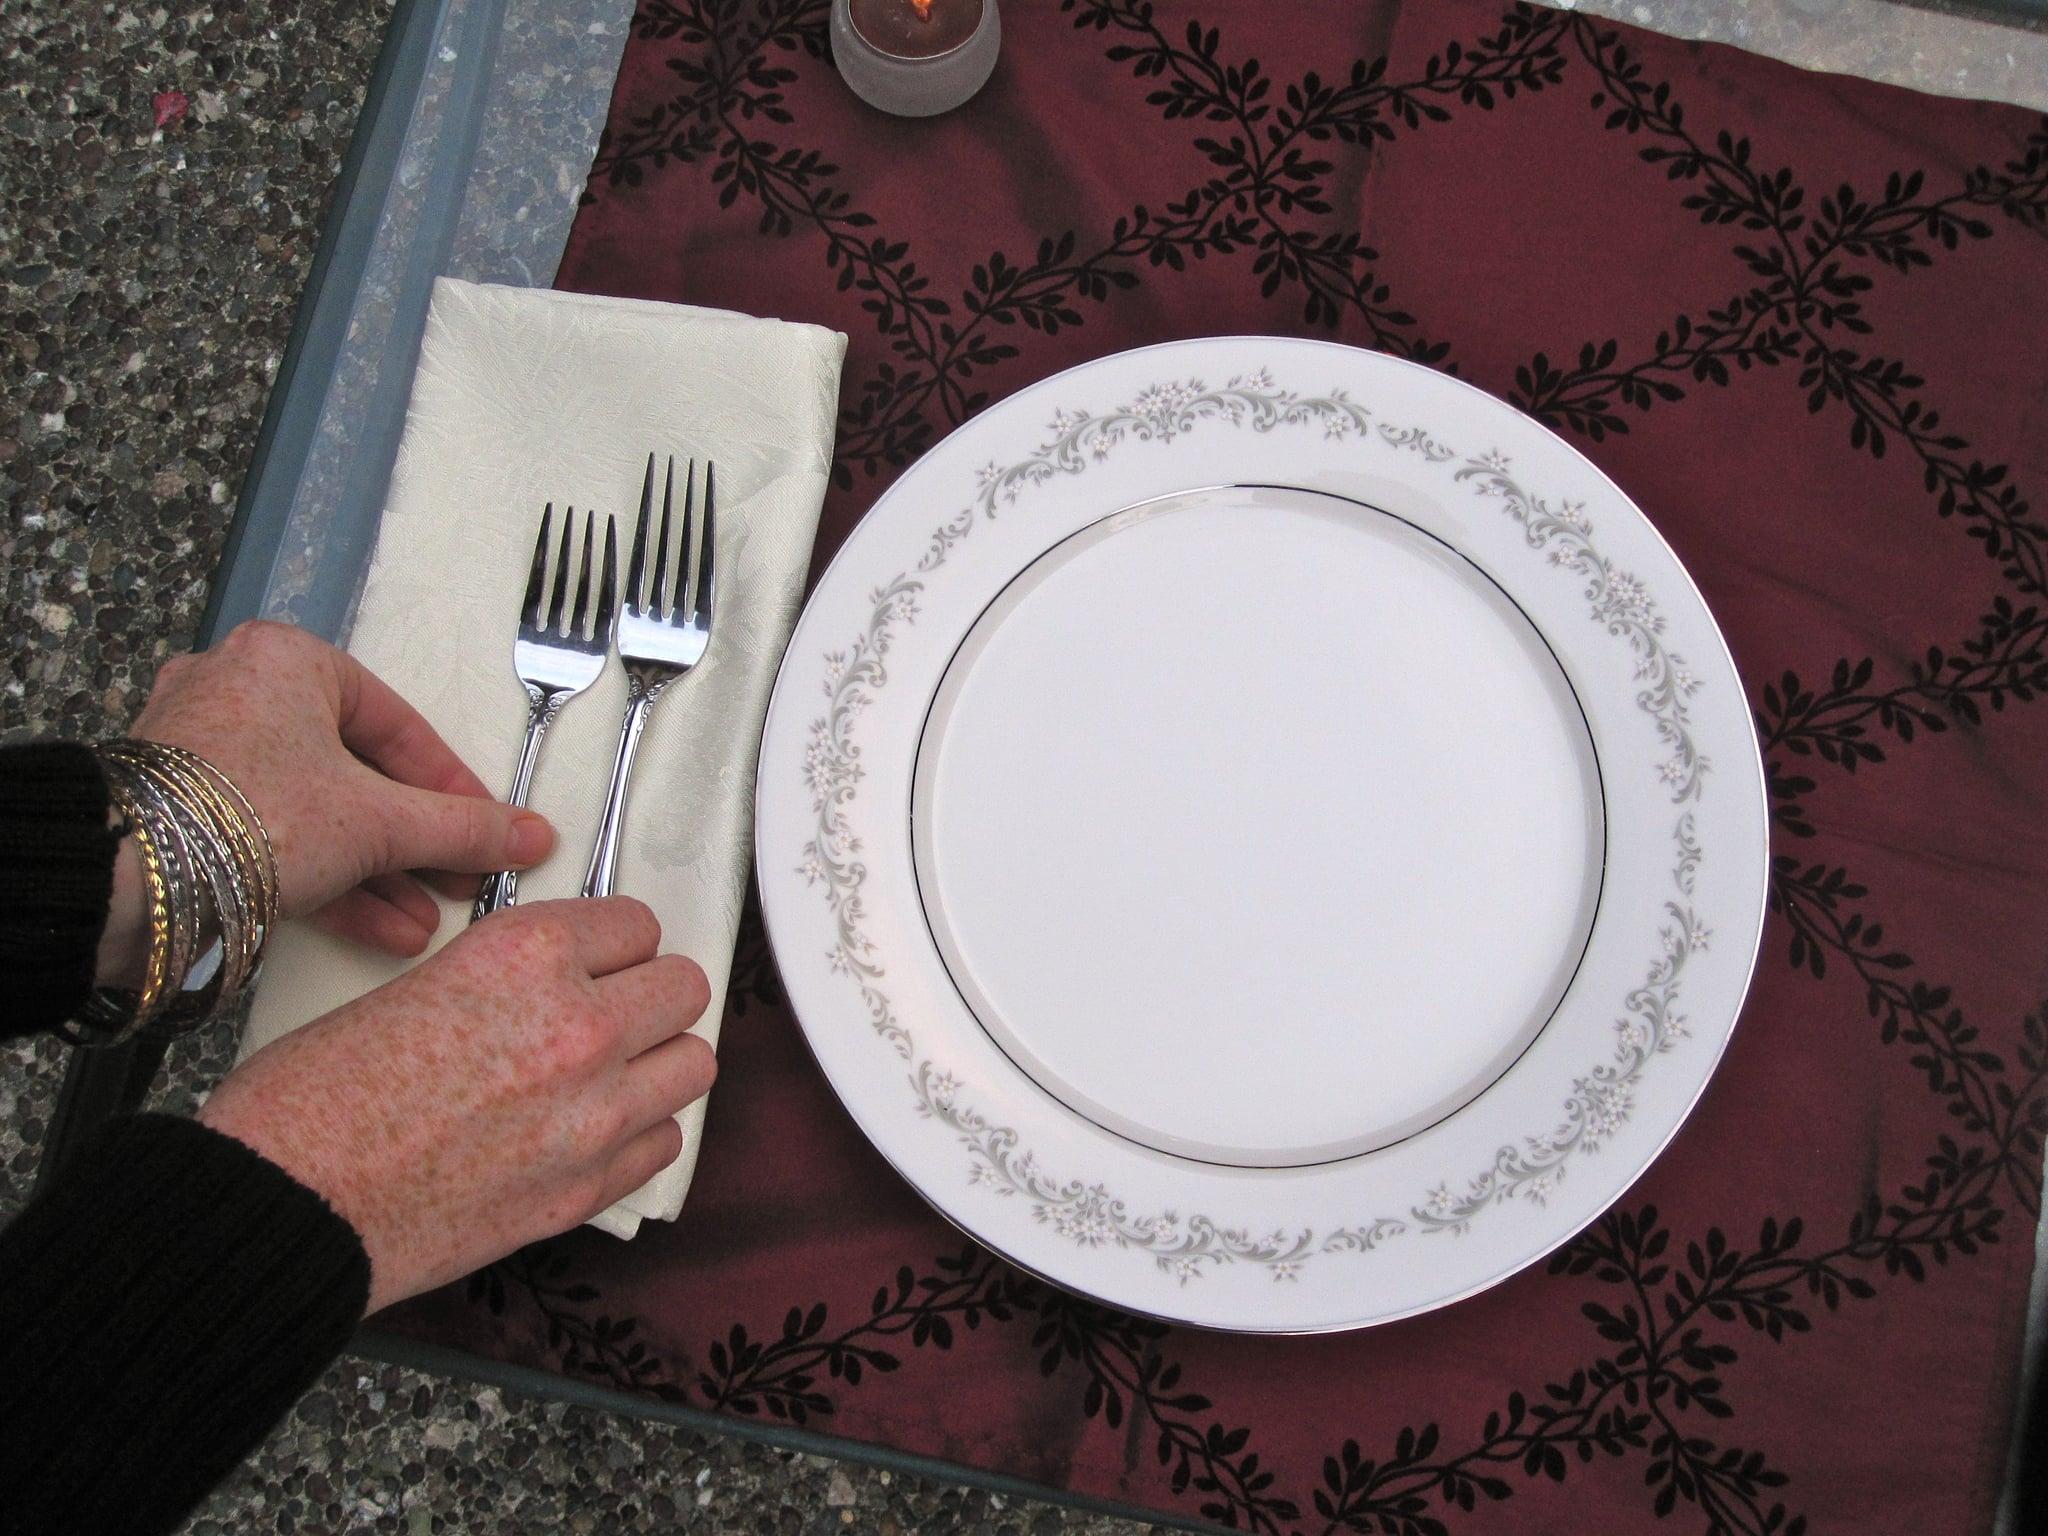 Arrange the forks in order.